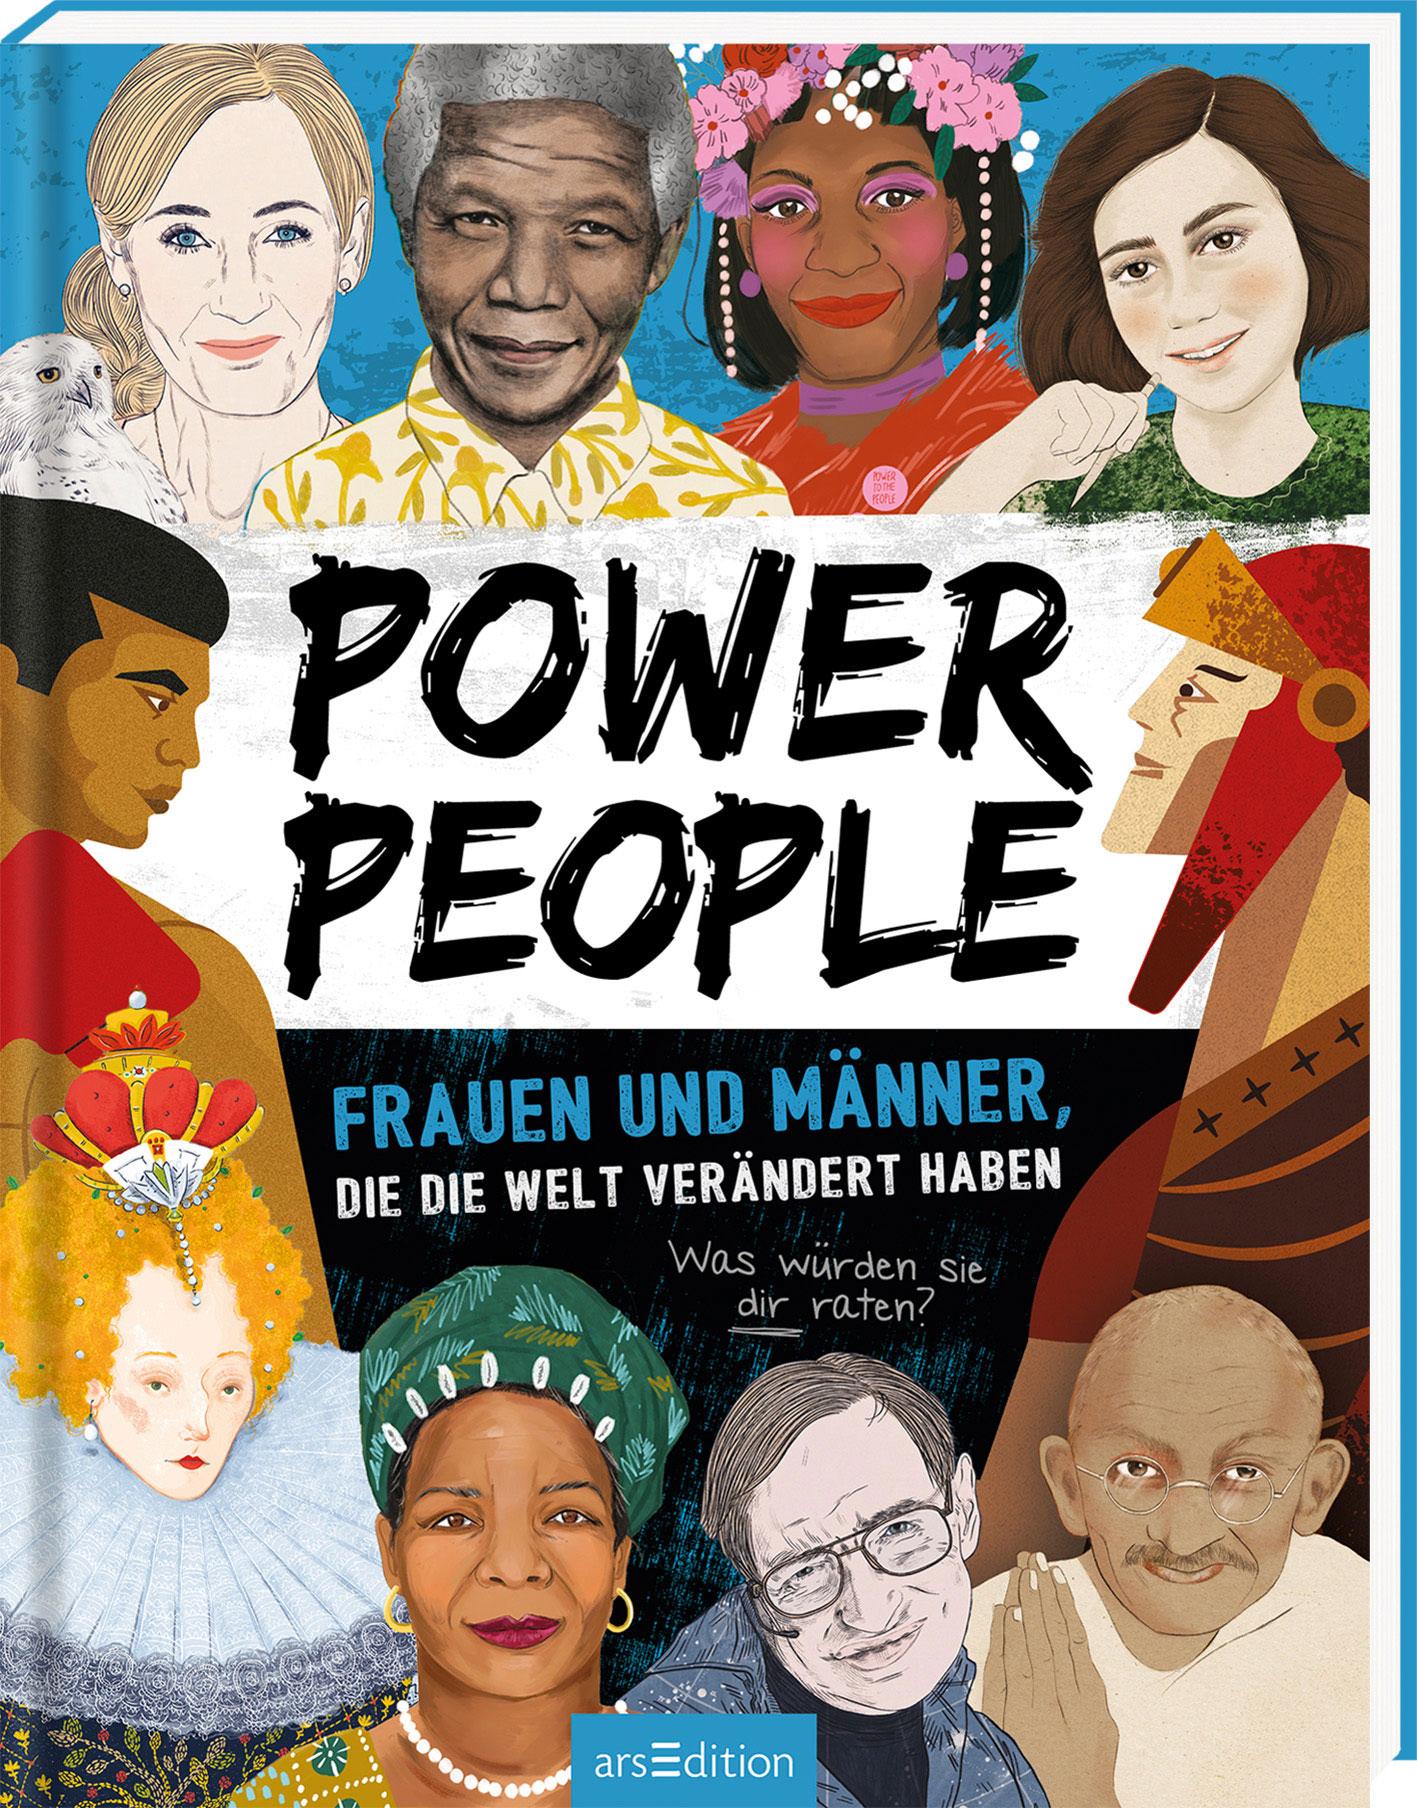 »Power People - Frauen und Männer, die die Welt verändert haben« -Ars Edition